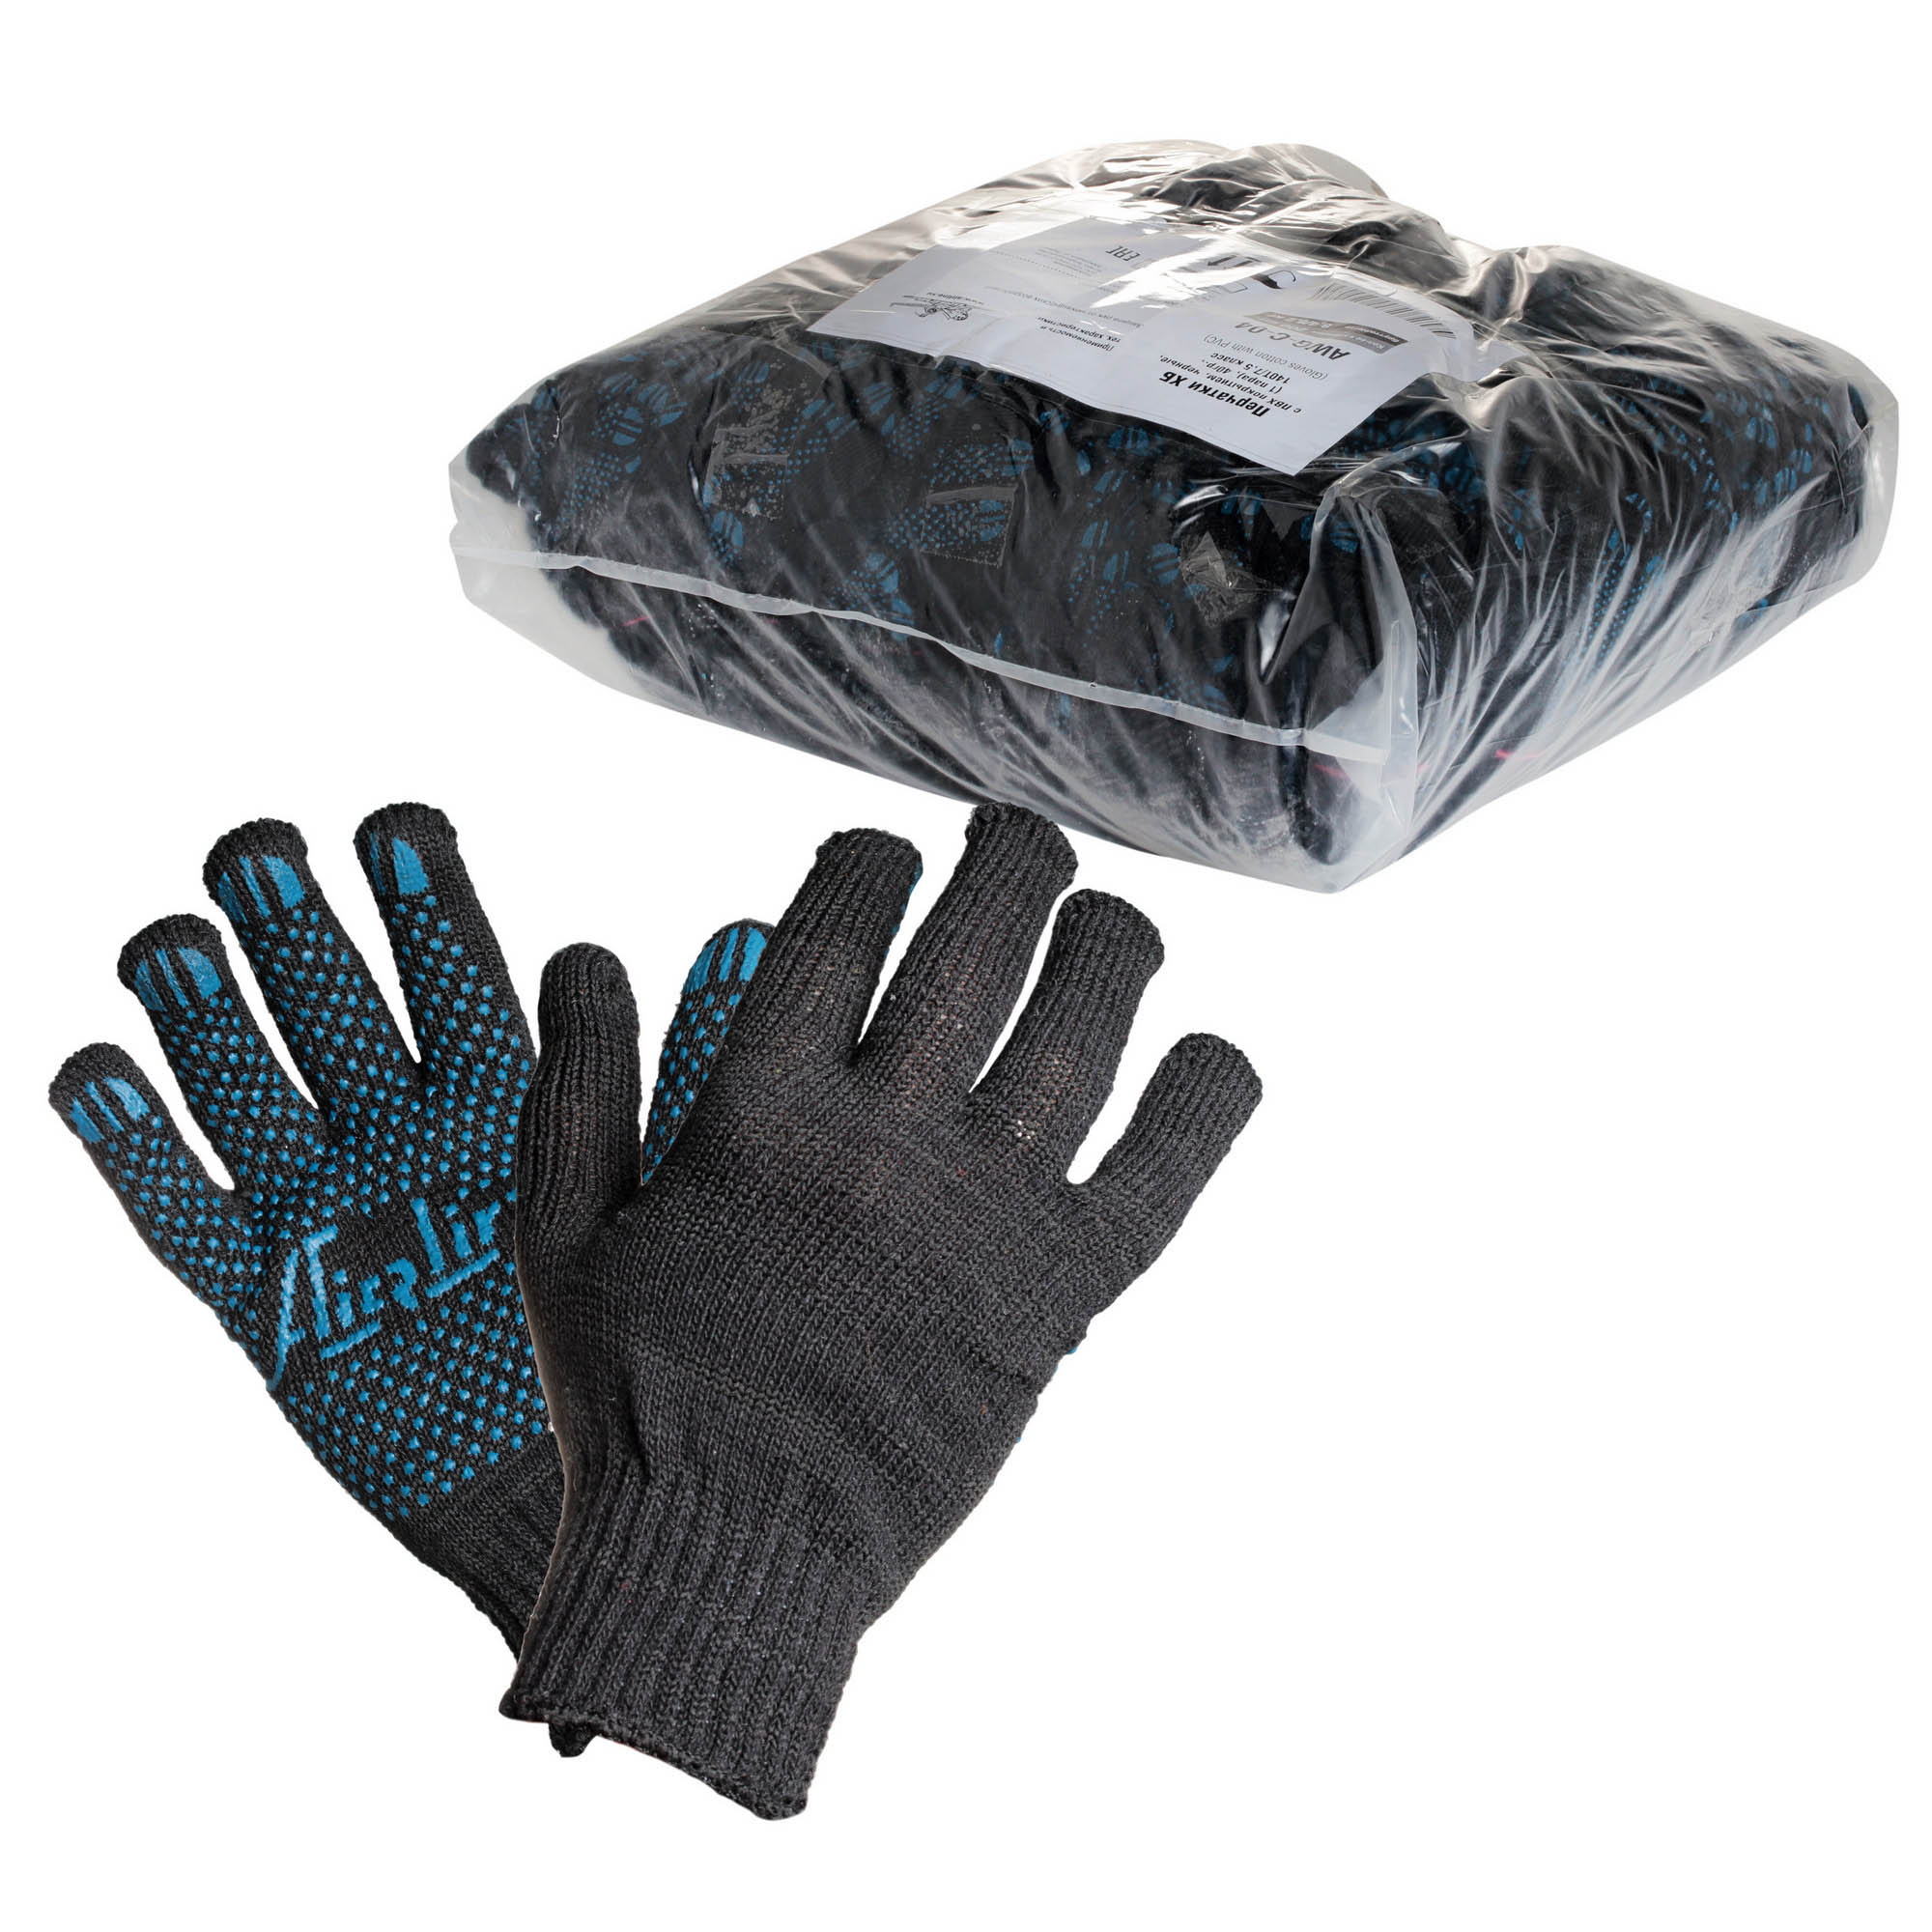 Перчатки ХБ с ПВХ покрытием, черные, 46 гр.,(1 пара), 140Т/7,5-8 класс AIRLINE